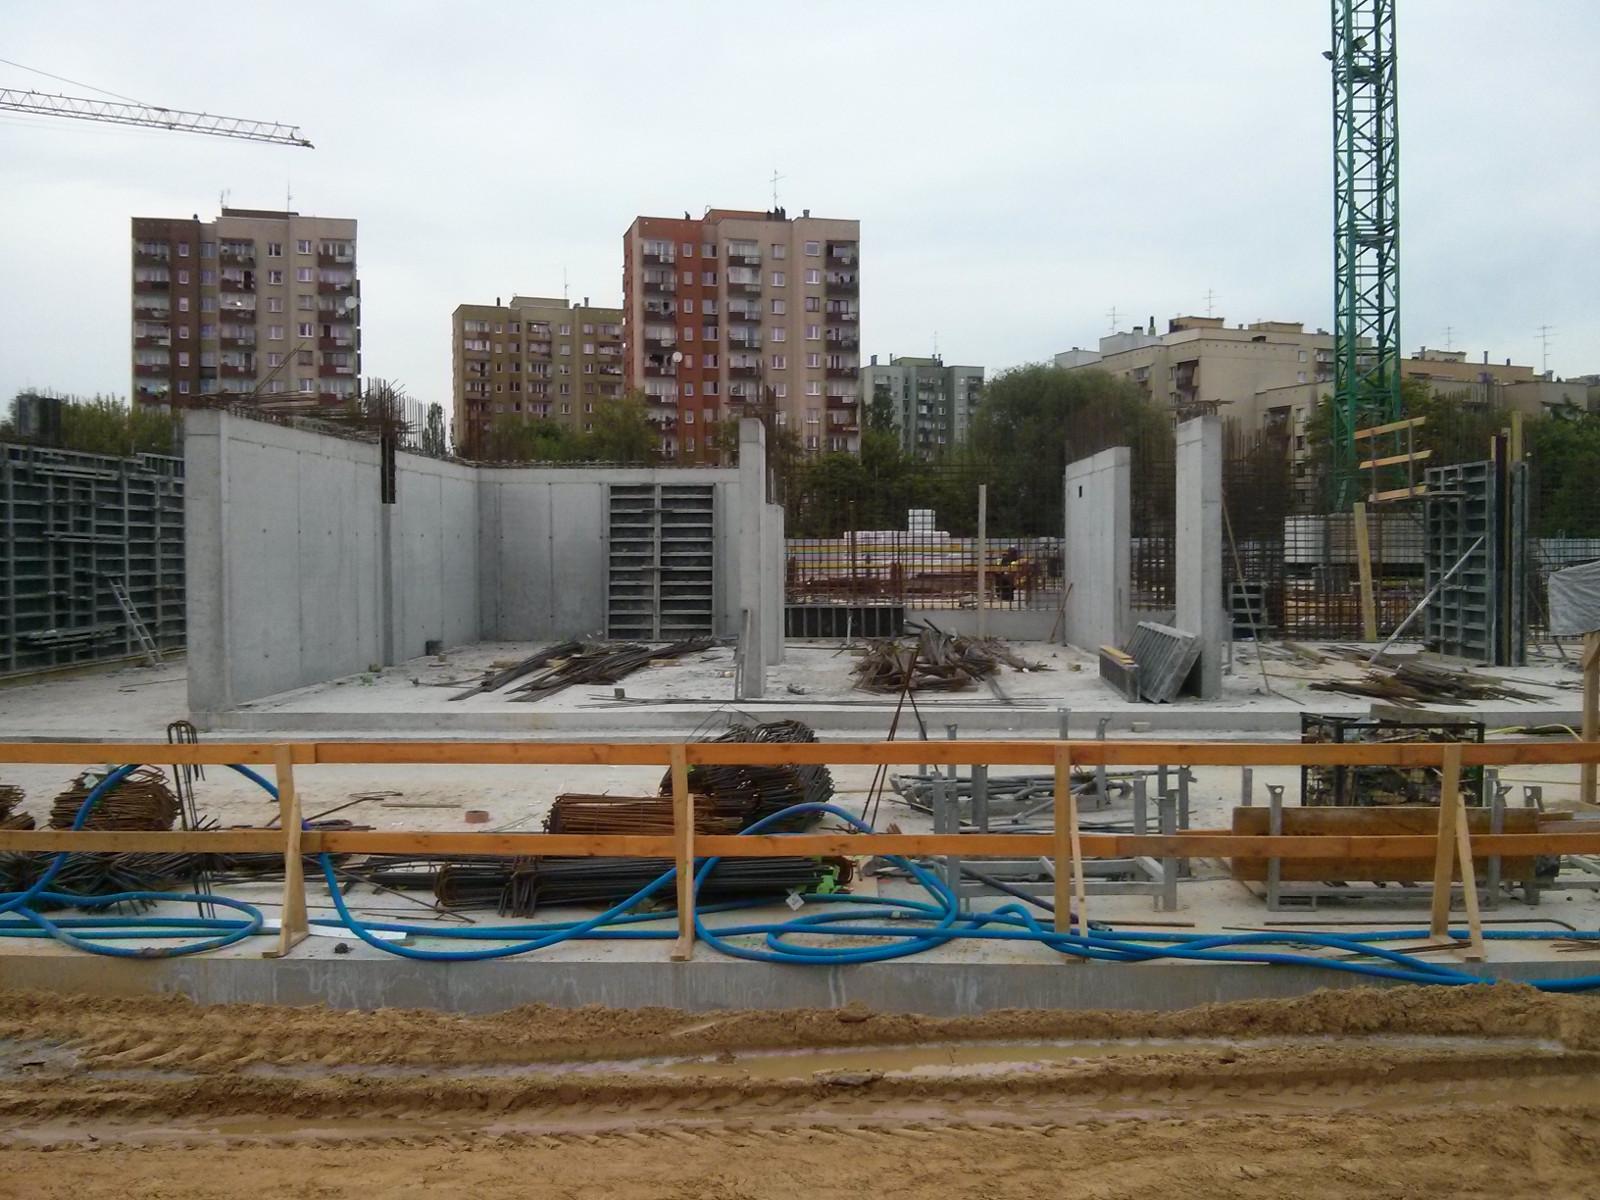 Tanie mieszkania w Krakowie z MdM - budowa parteru bloku